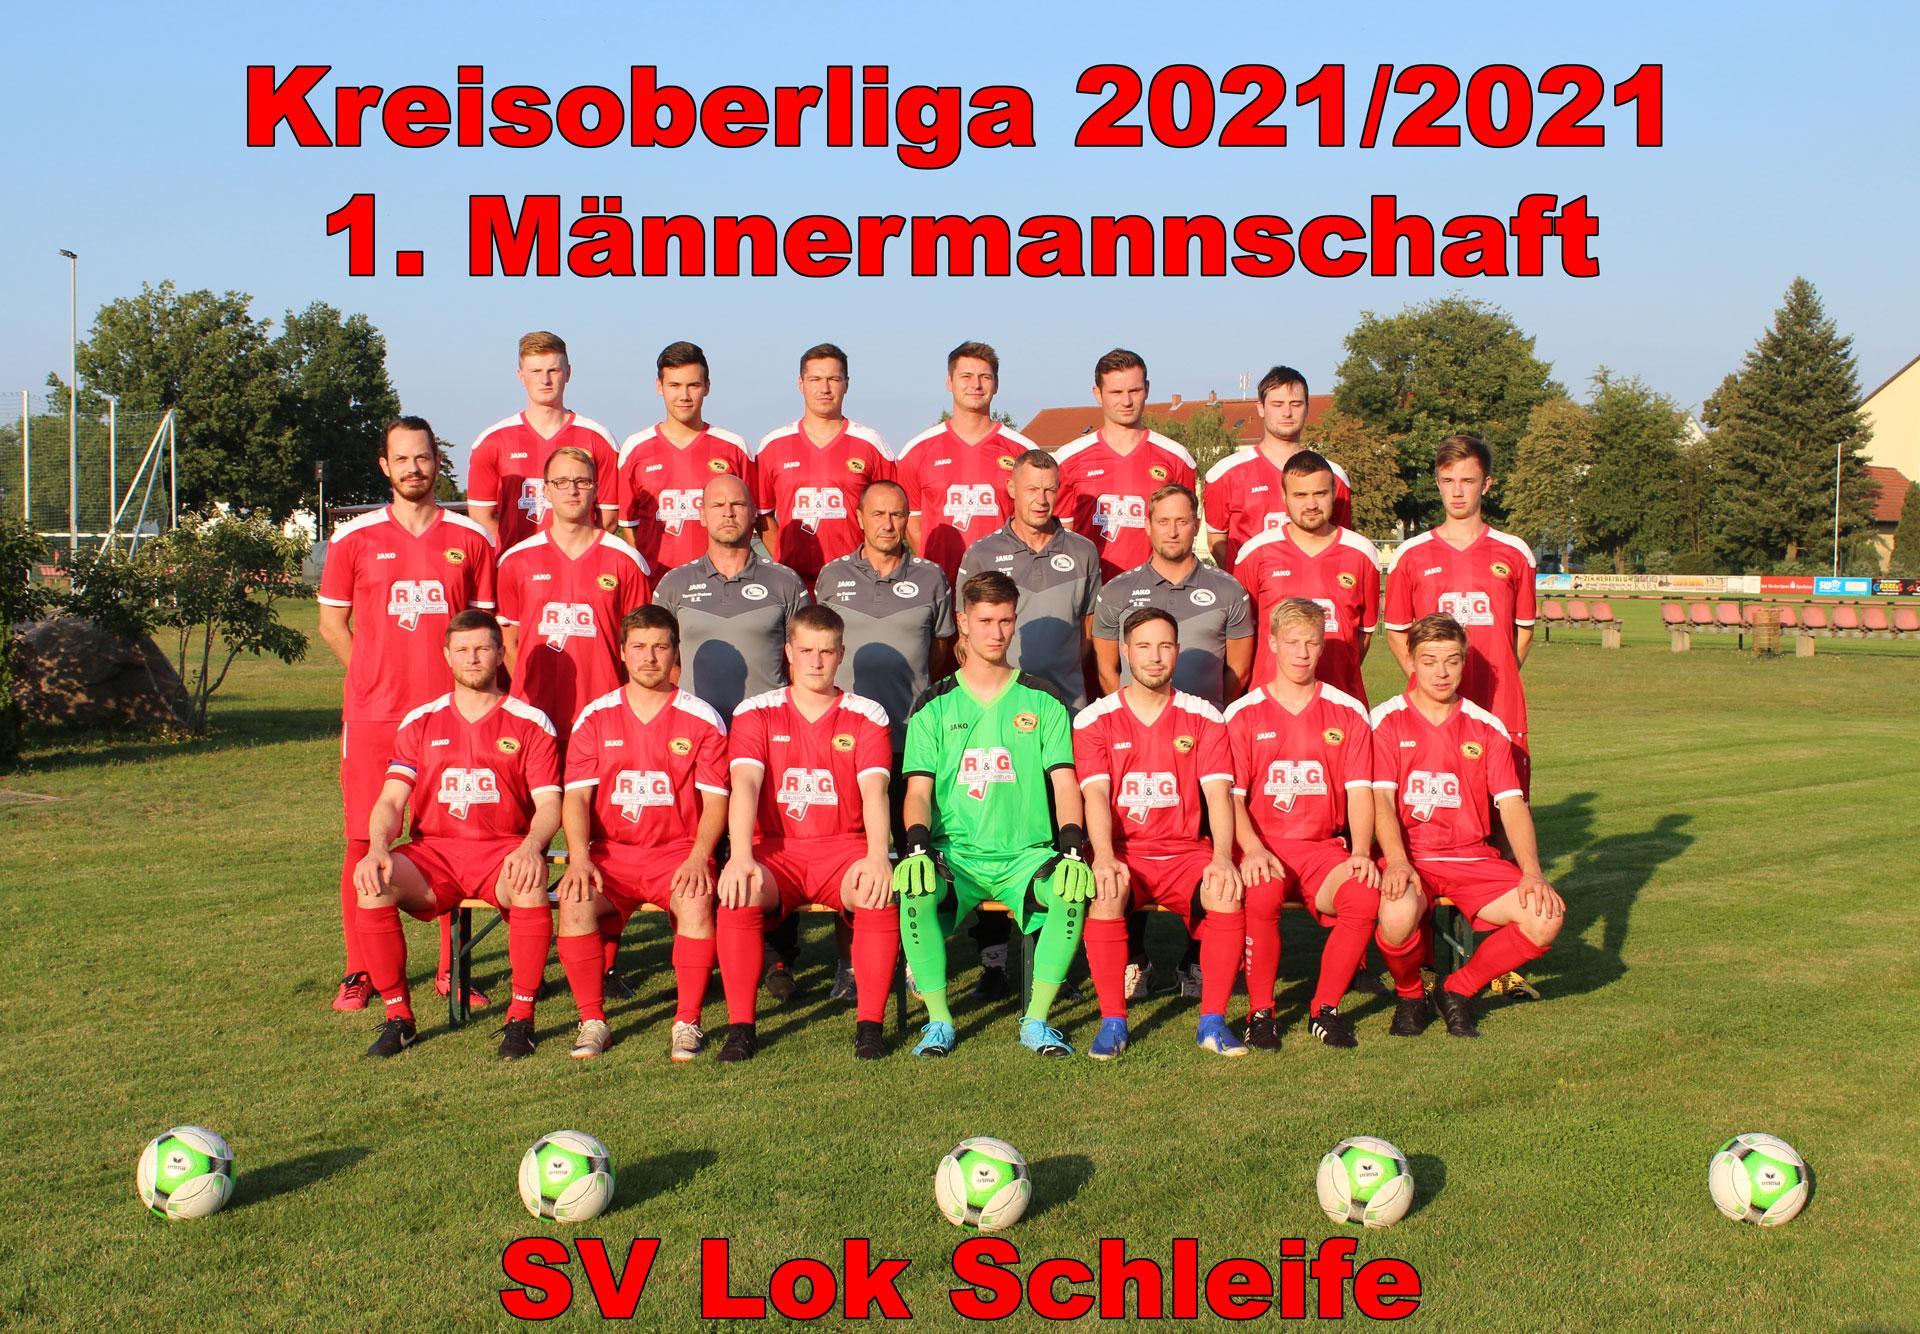 SV Lok Schleife